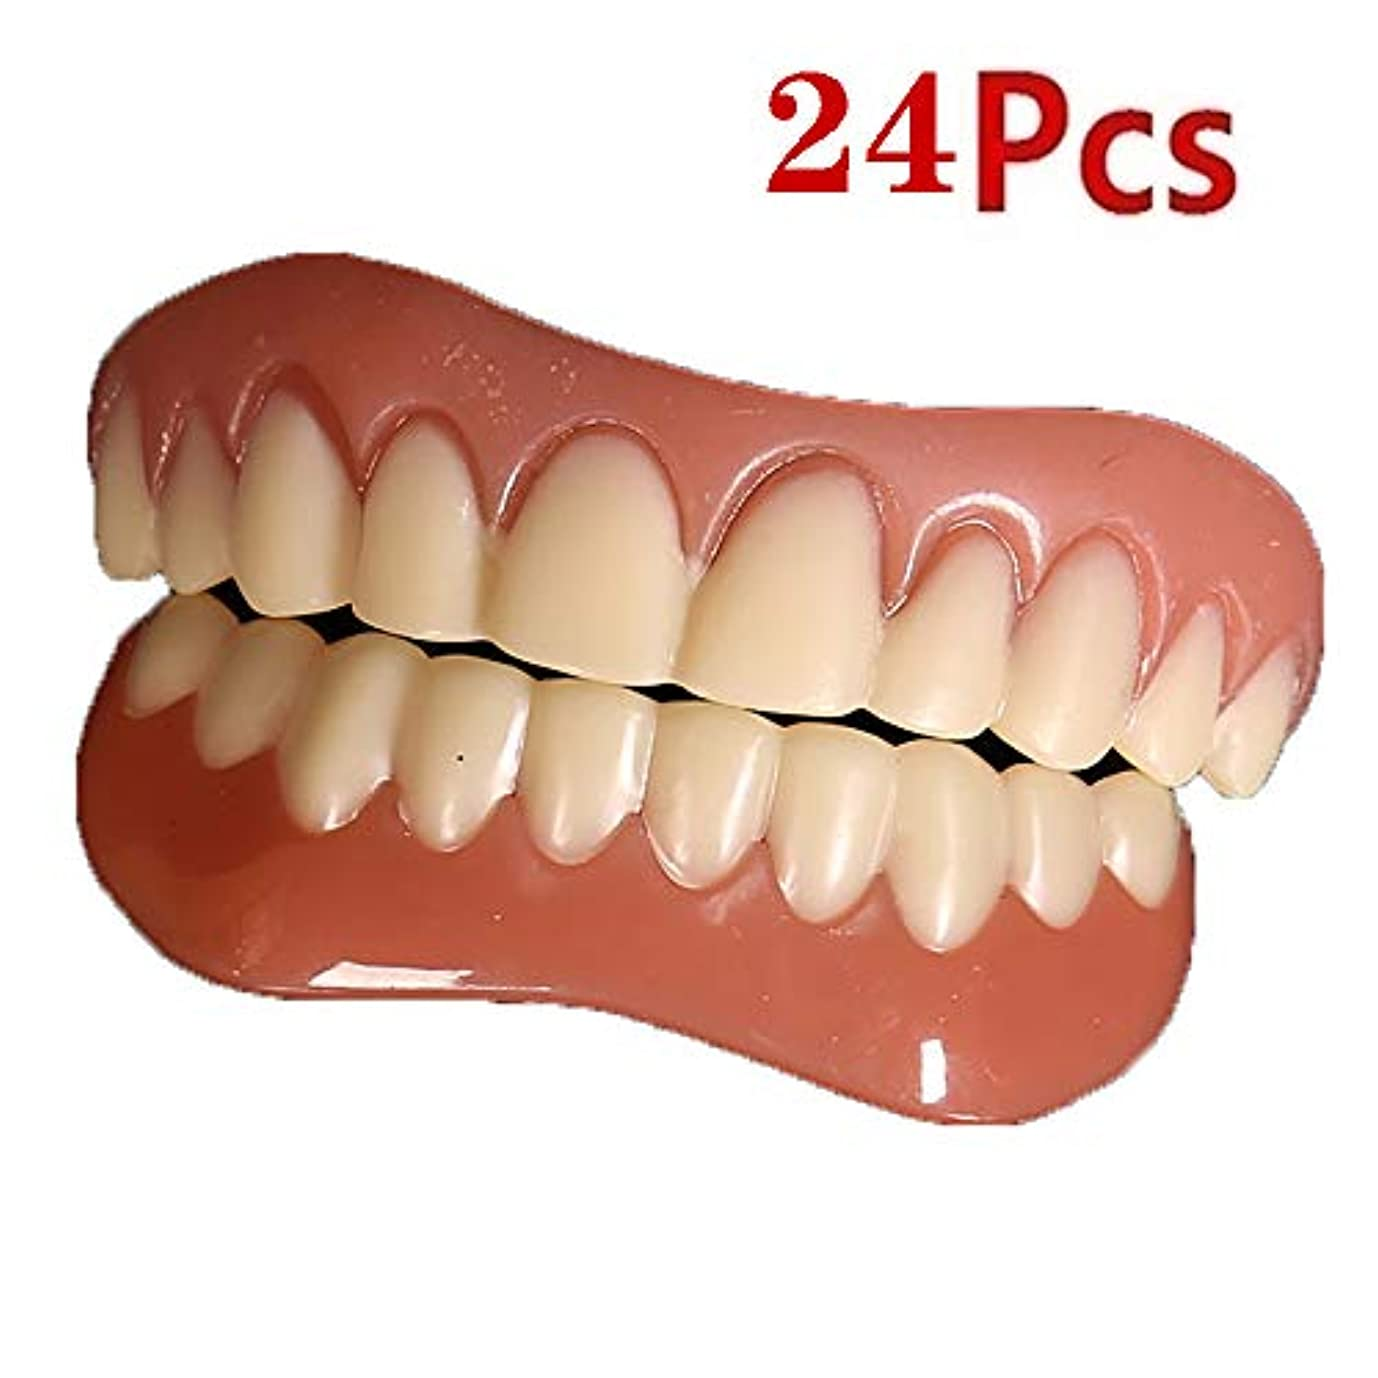 政治家法廷示す24個パーフェクトスマイルベニヤダブのための歯の修正のための悪い歯のための完璧なスマイルベニヤ歯ホワイトニング